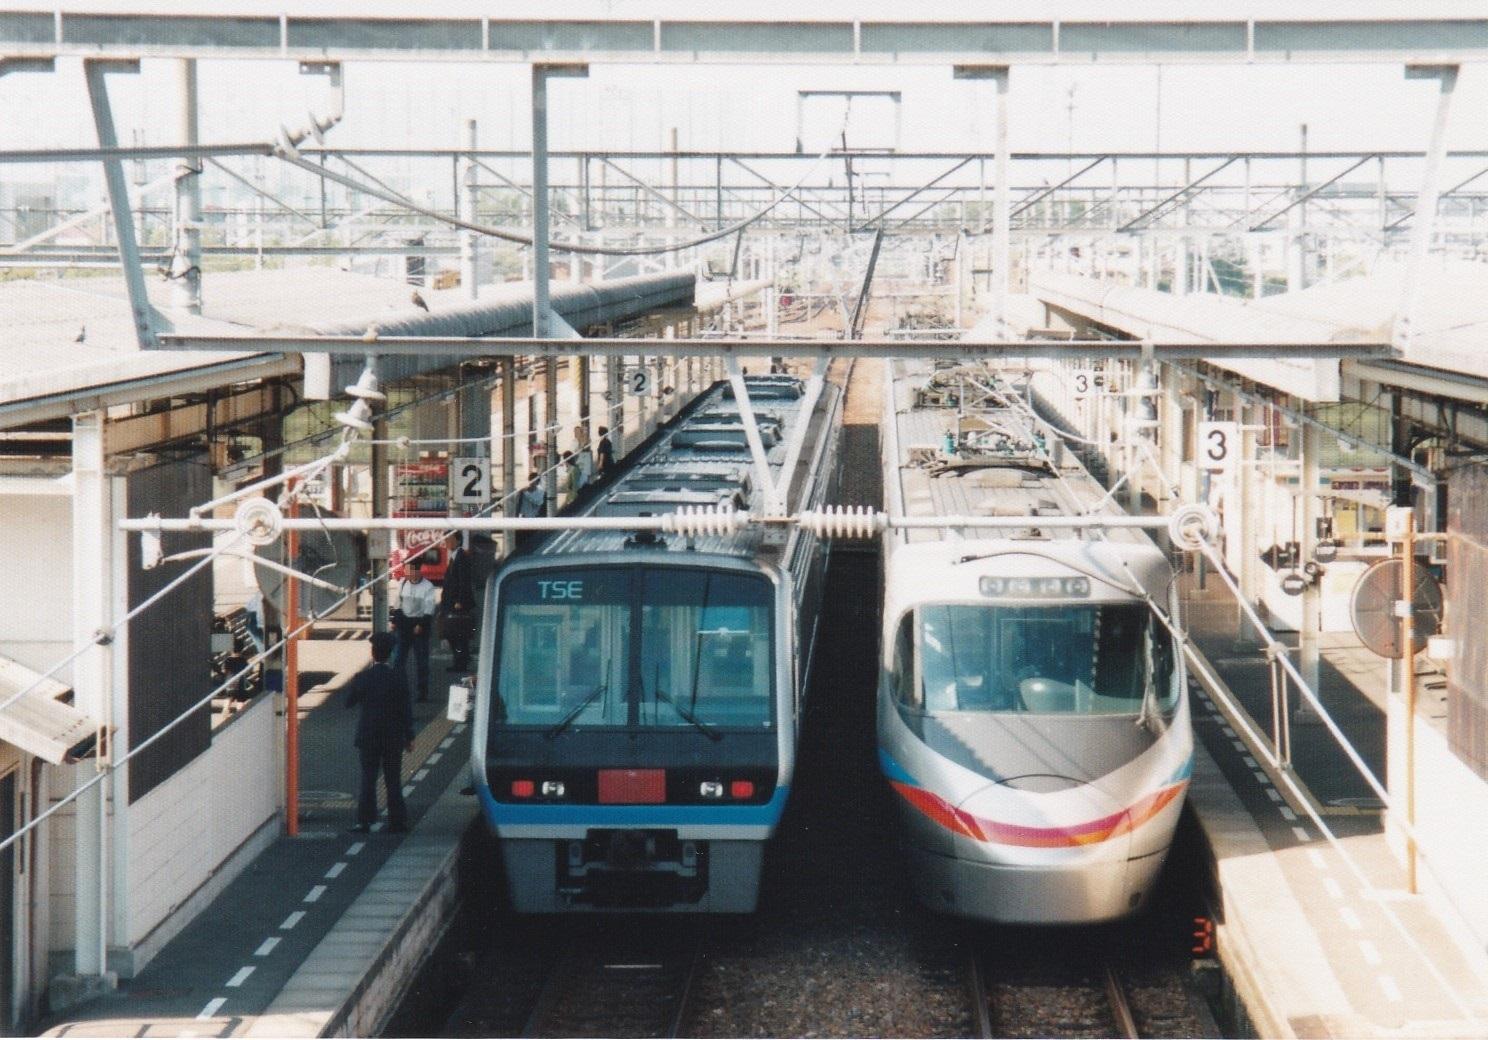 JR四国2000系(試作車両TSE) 上り特急&同8000系 下り特急松山方面ゆき